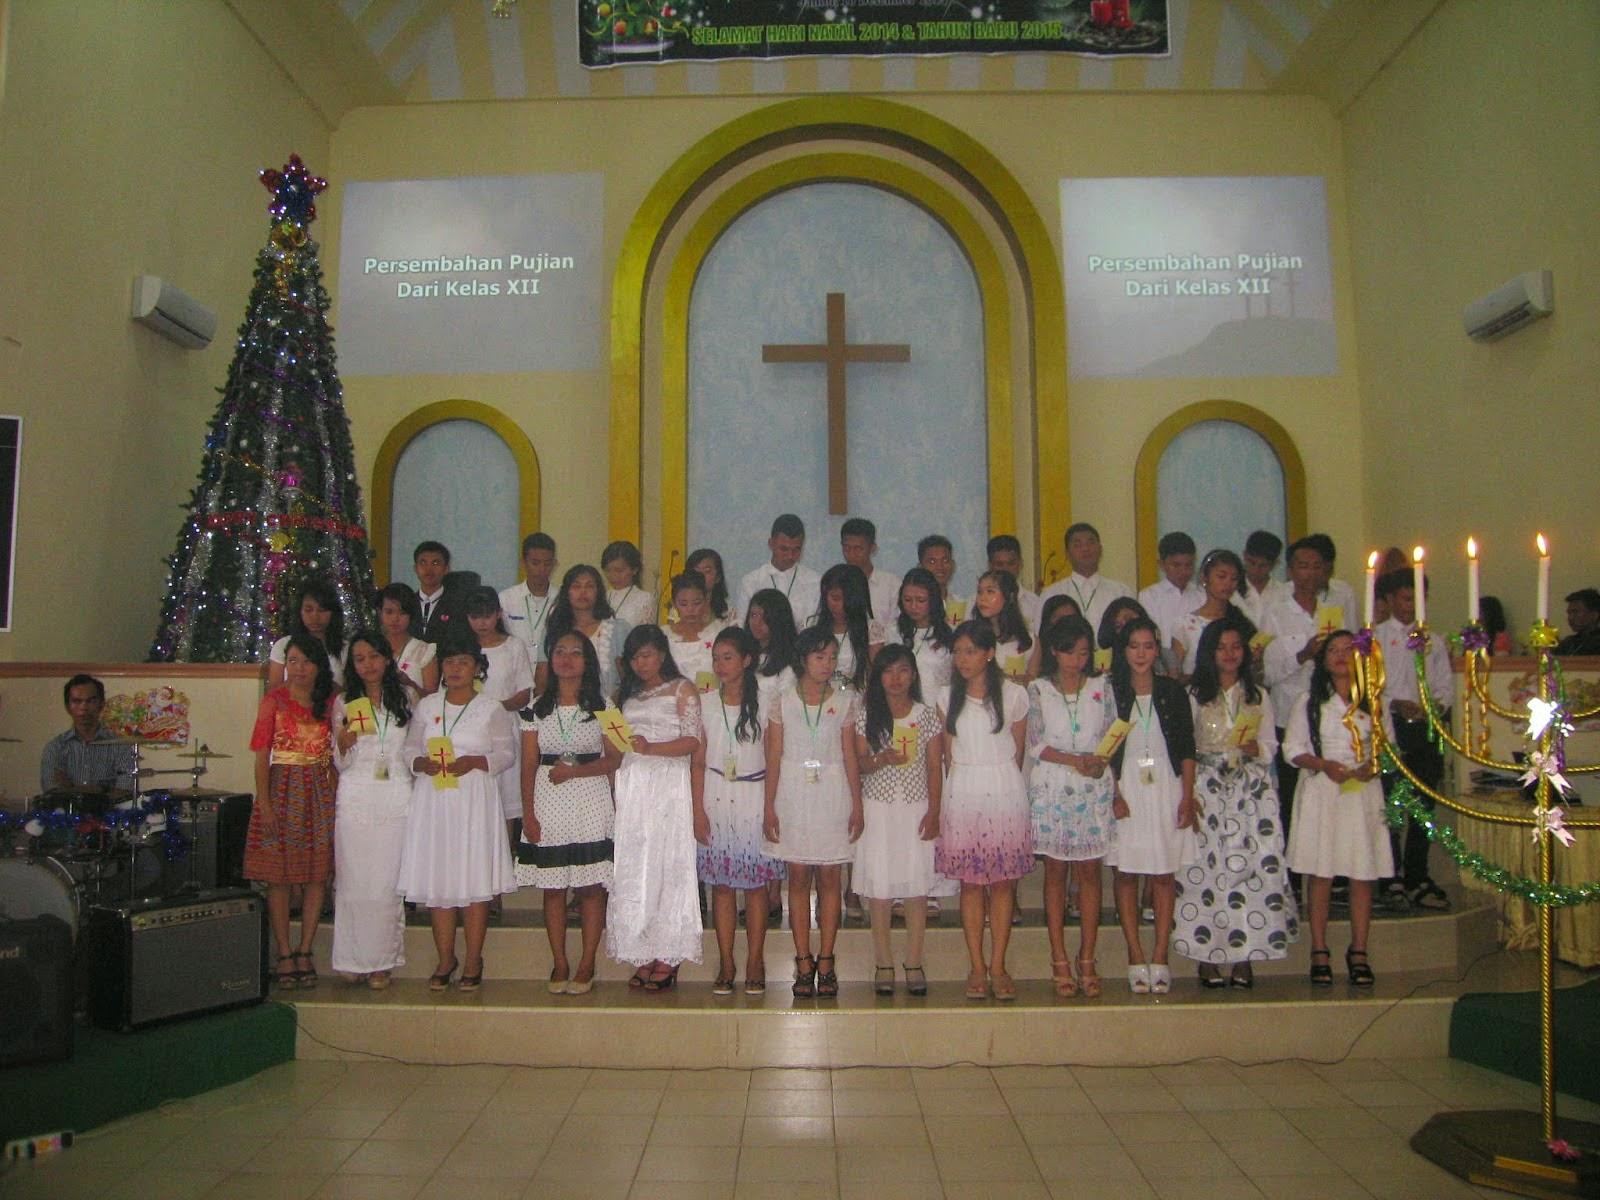 Beritaku Pendidikan Agama Kristen Sekolah Negeri Jambi Terabaikan Museum Kota